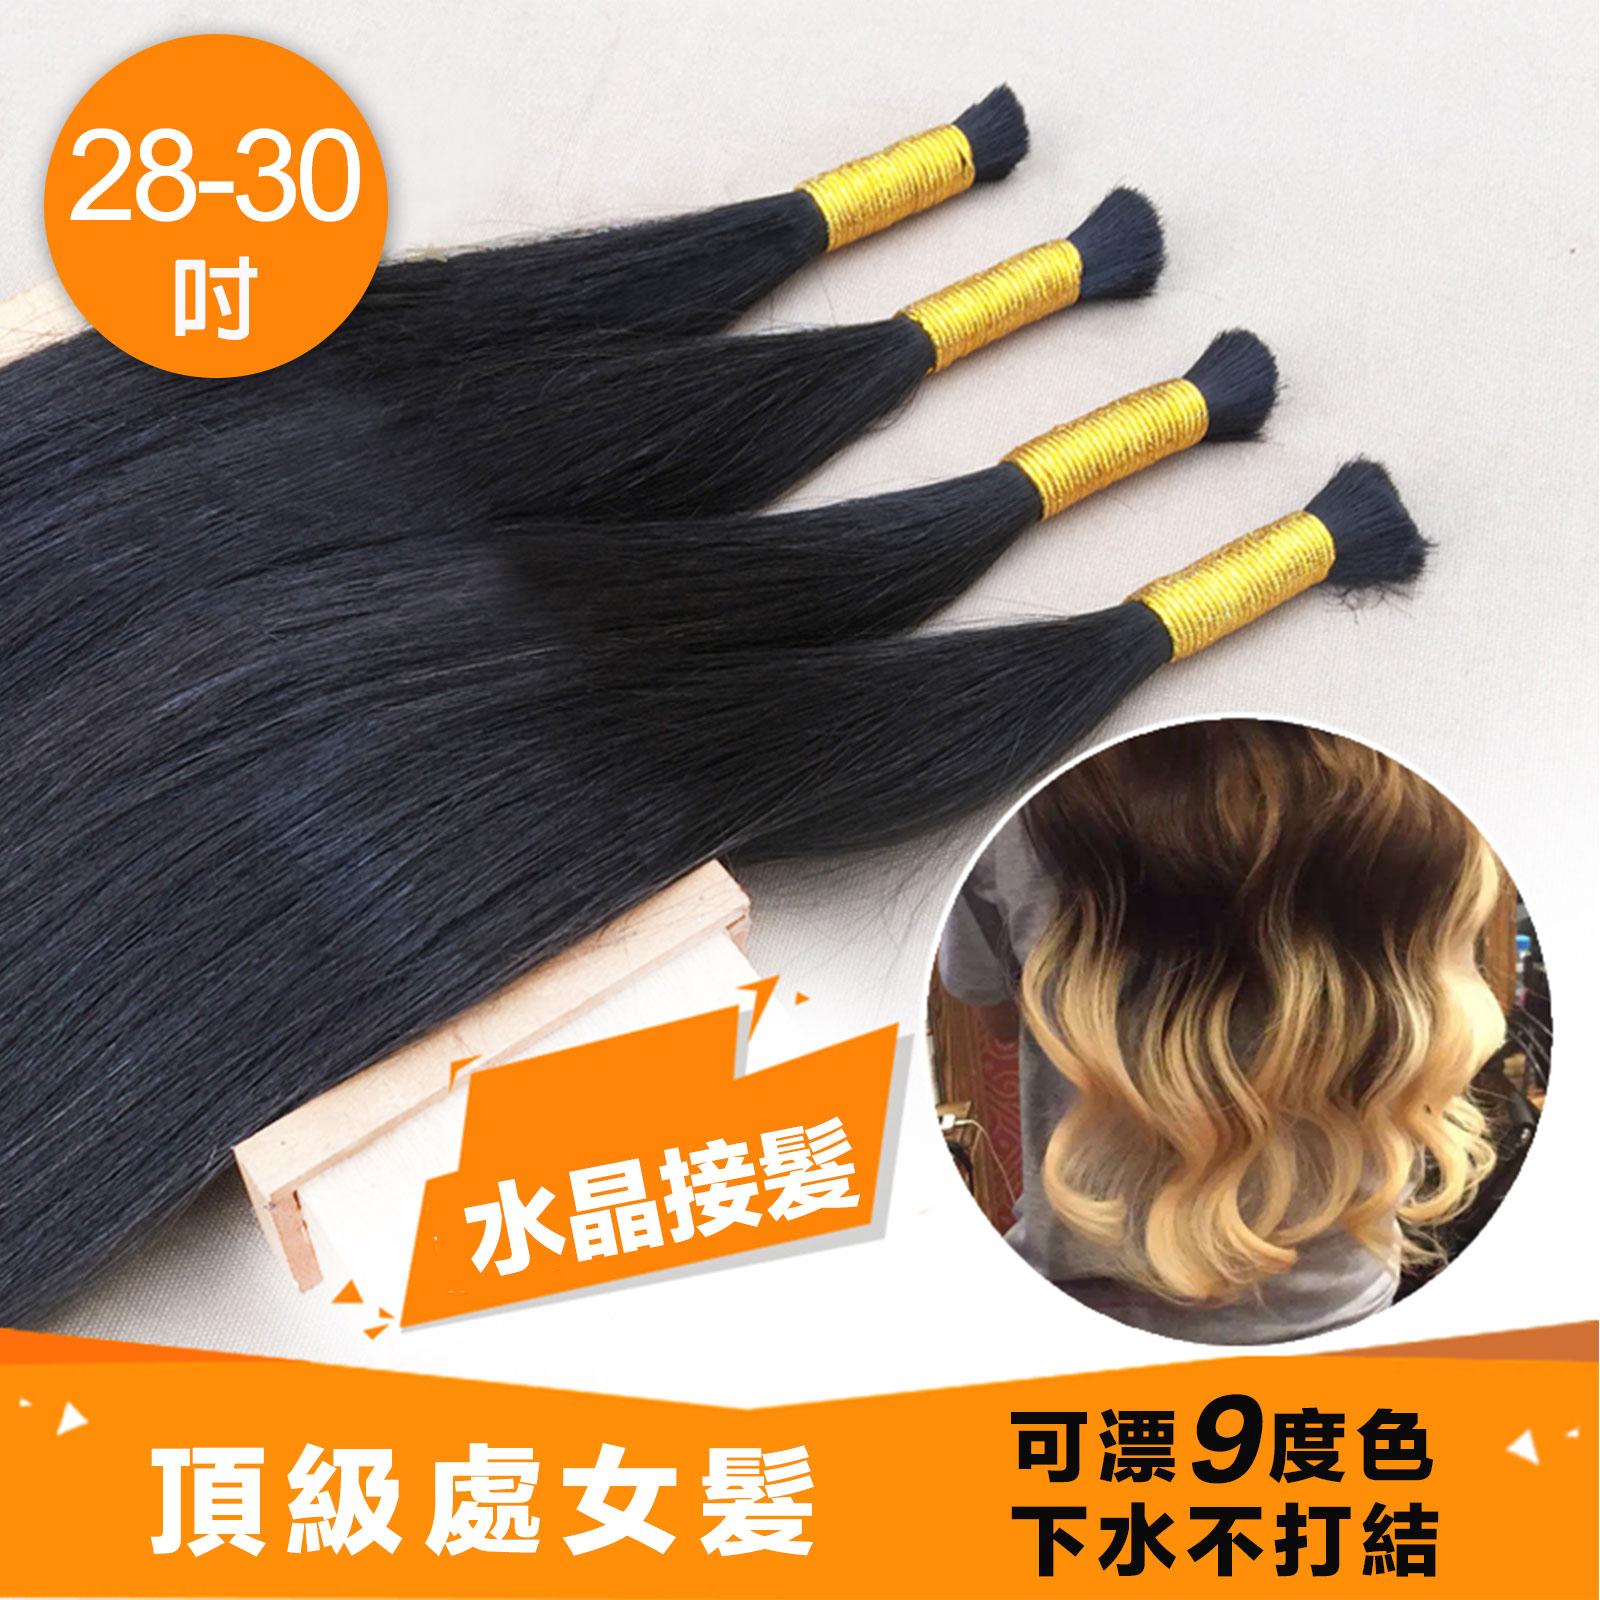 水晶接髮 無痕接髮 真髮髮束 散髮 一把50克 長度28~30吋下標區【RK-28】☆雙兒網☆